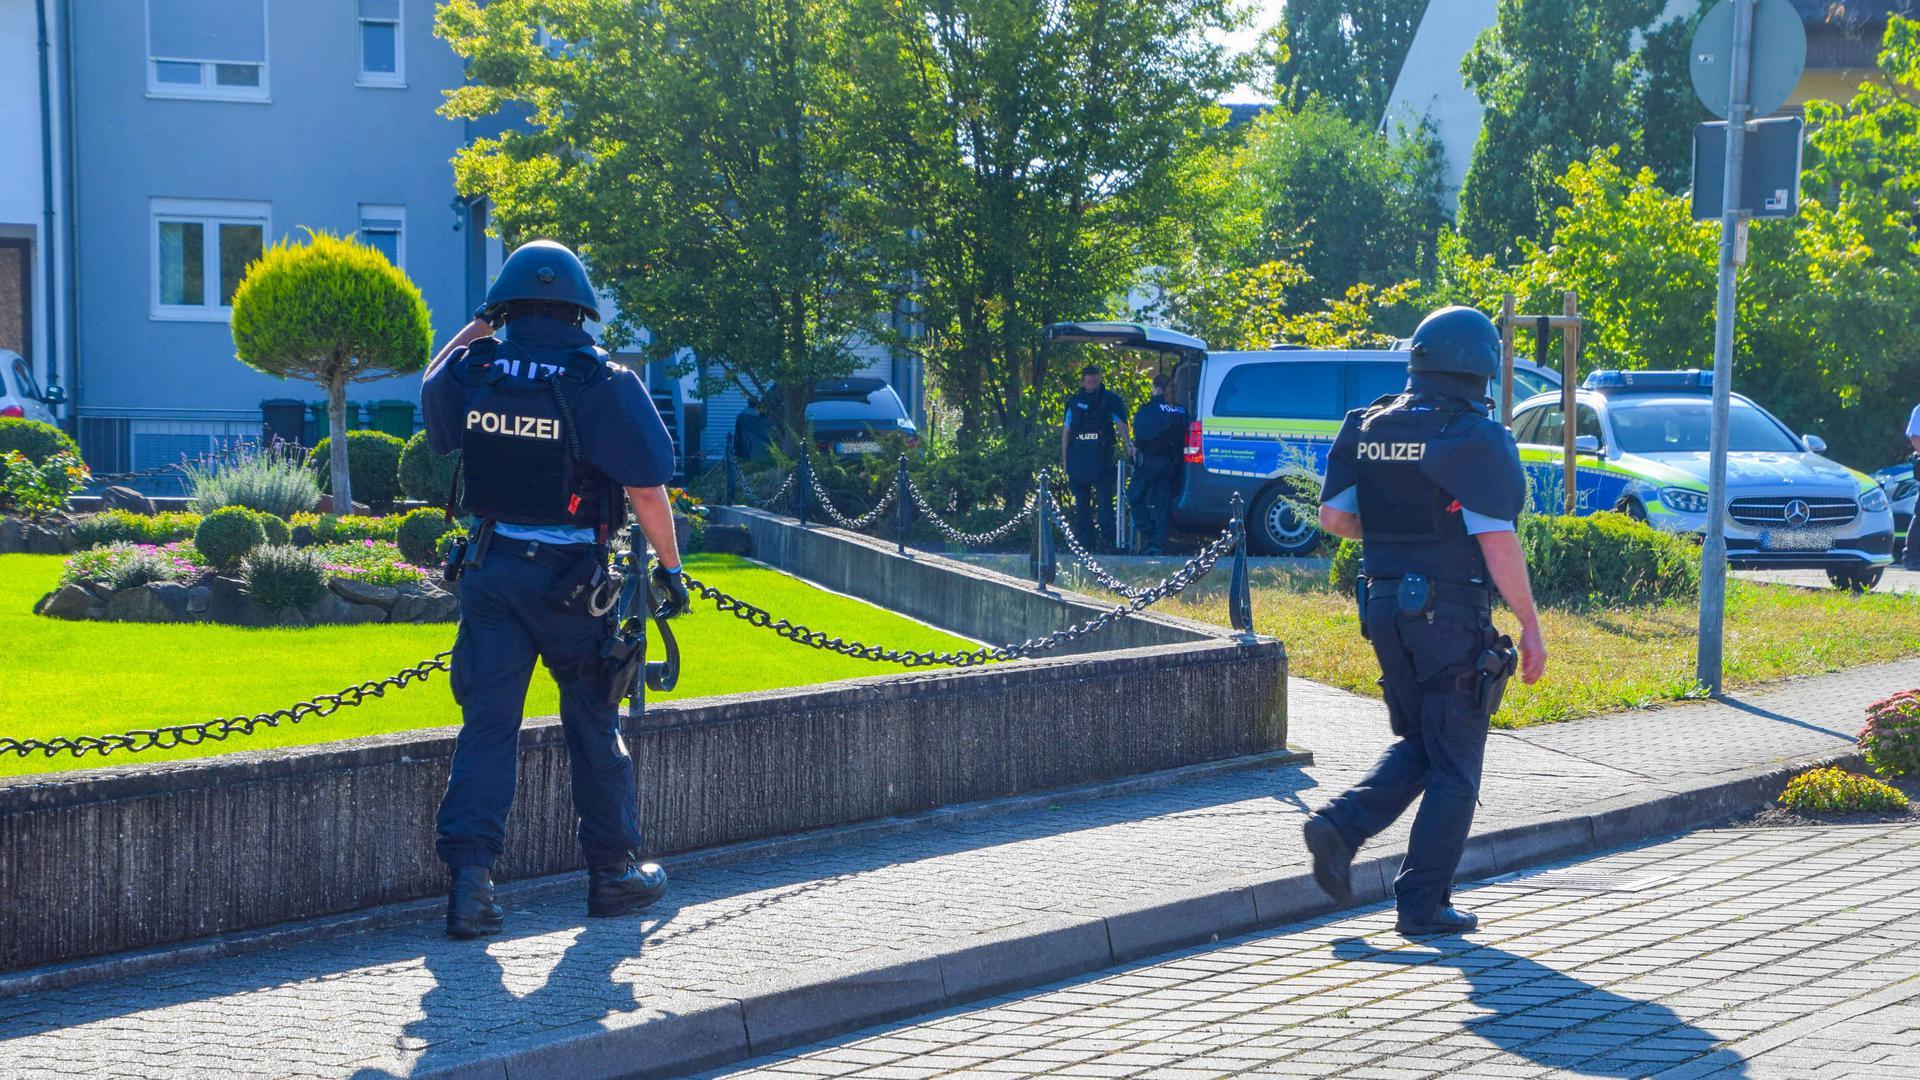 Bei dem Großeinsatz der Polizei in Waghäusel kamen auch Spezialkräfte der Polizei zum Einsatz.